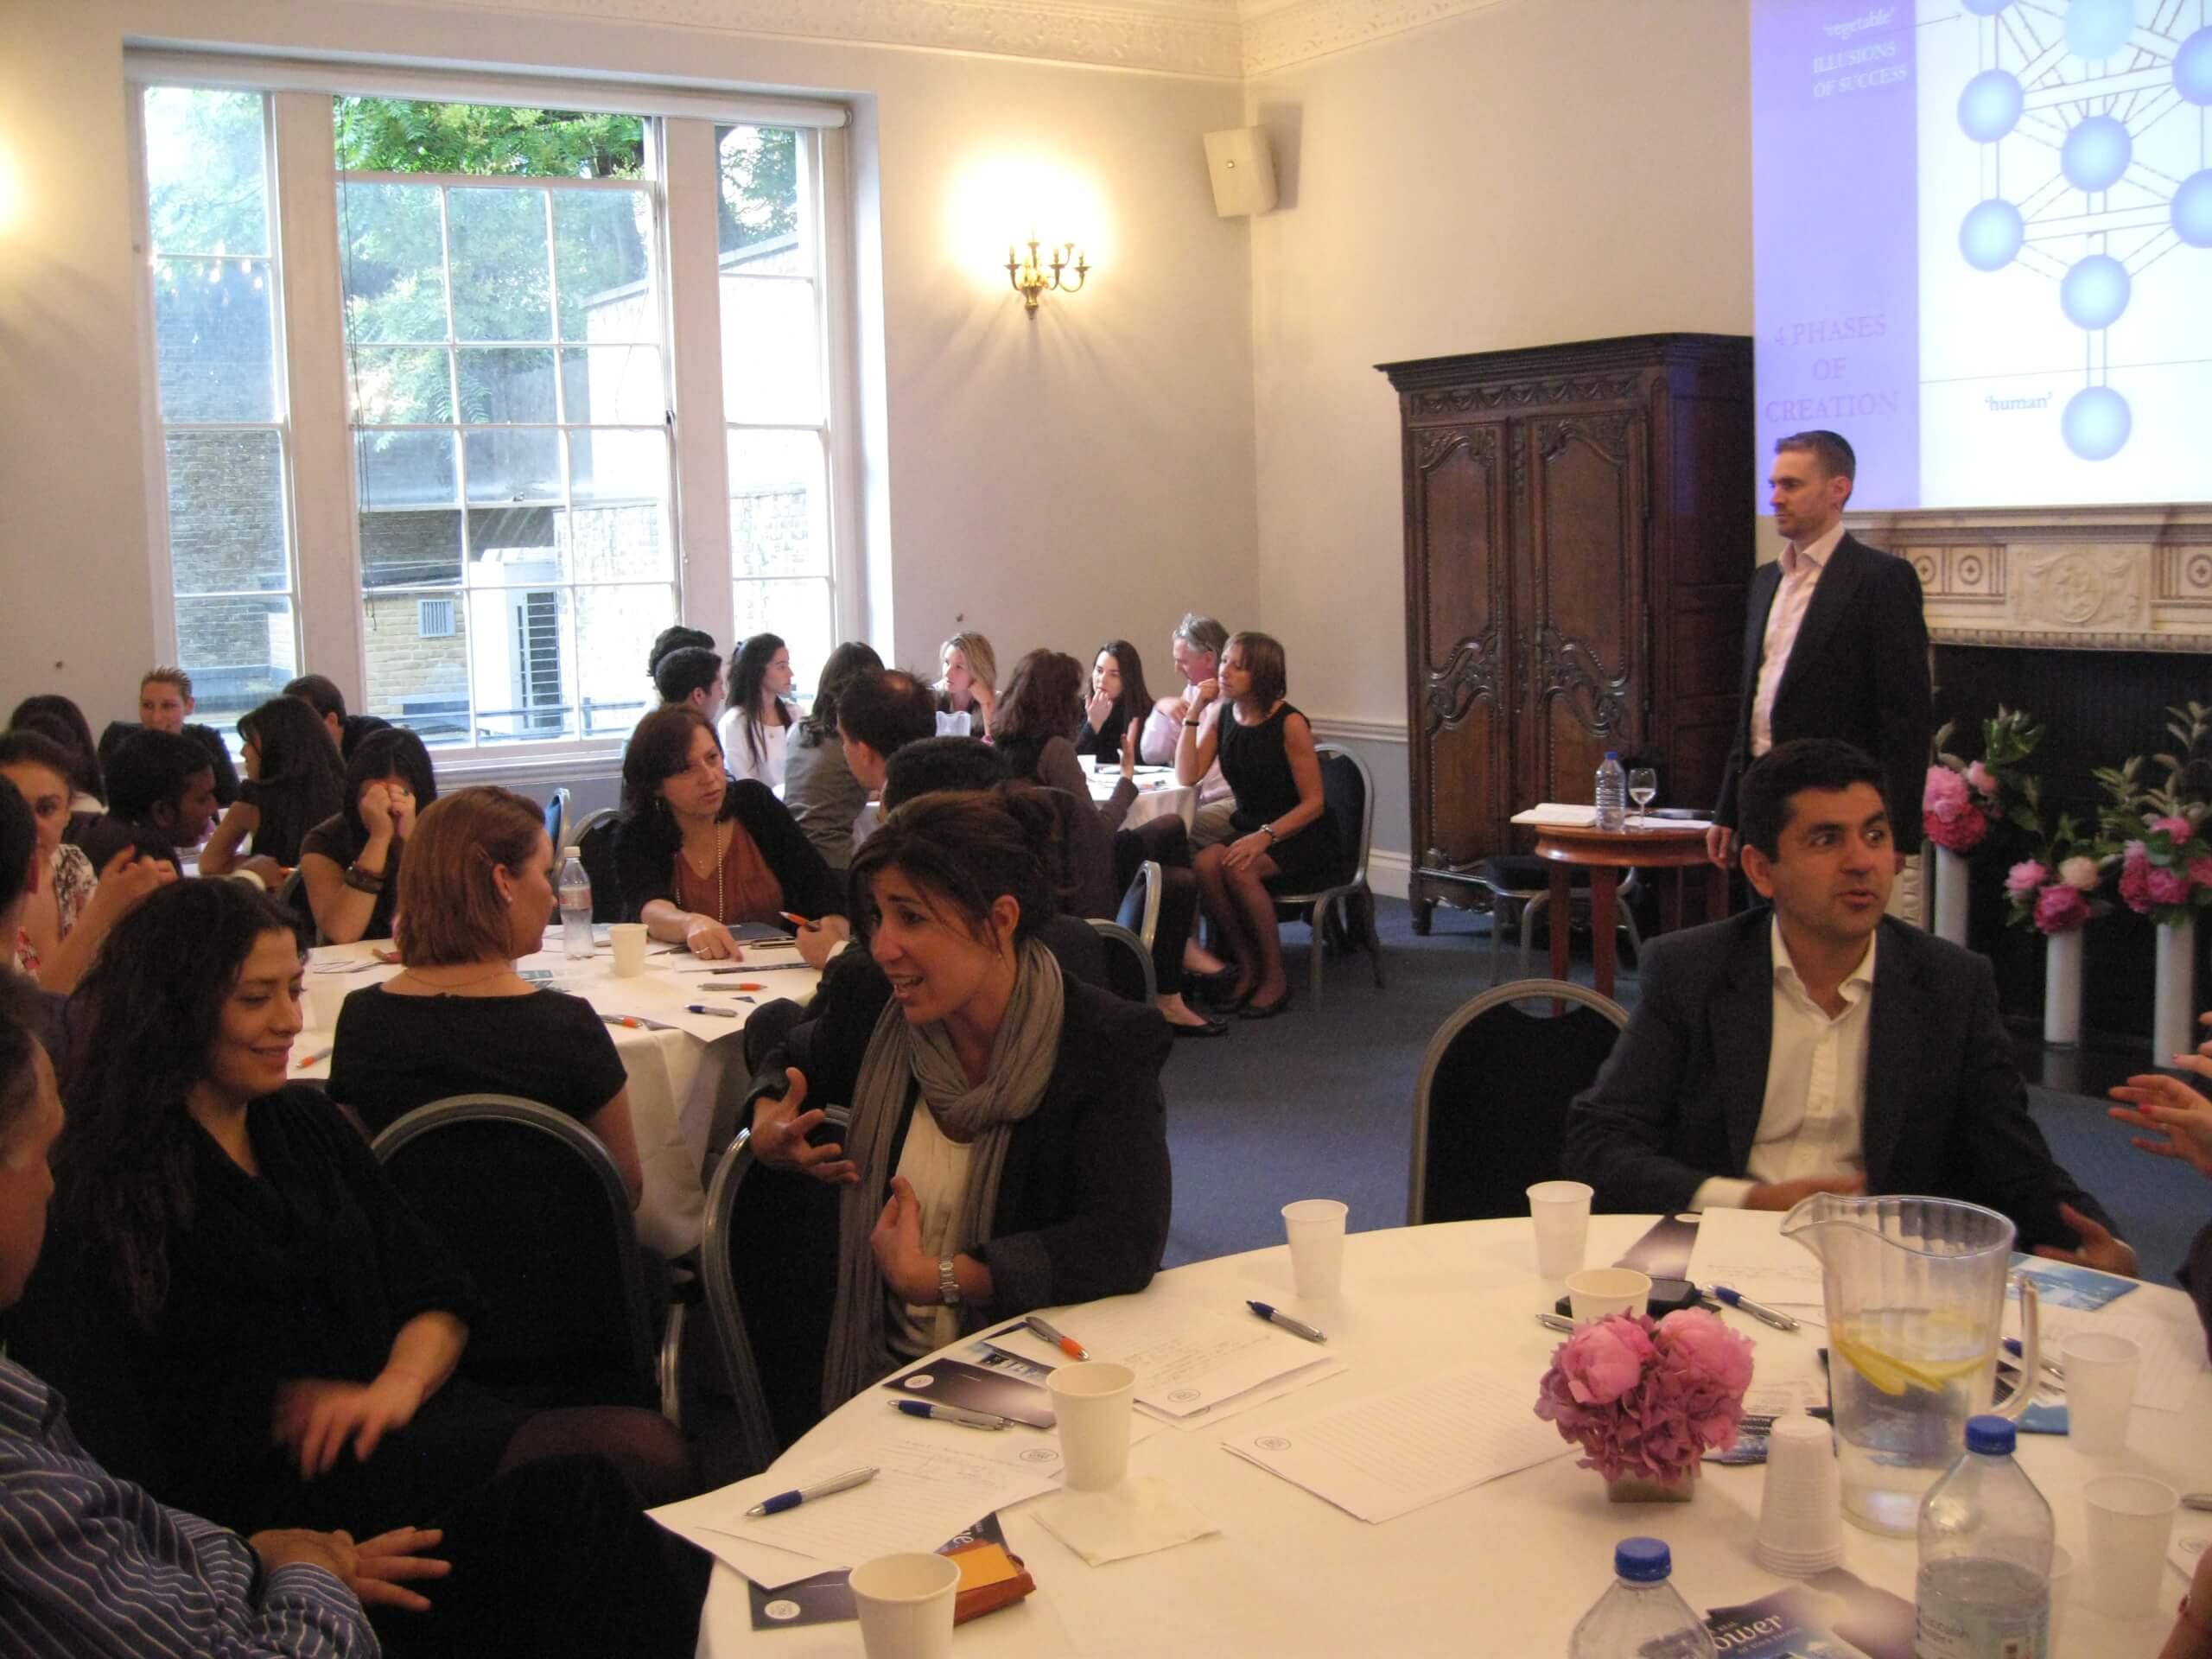 seminar at the Centre